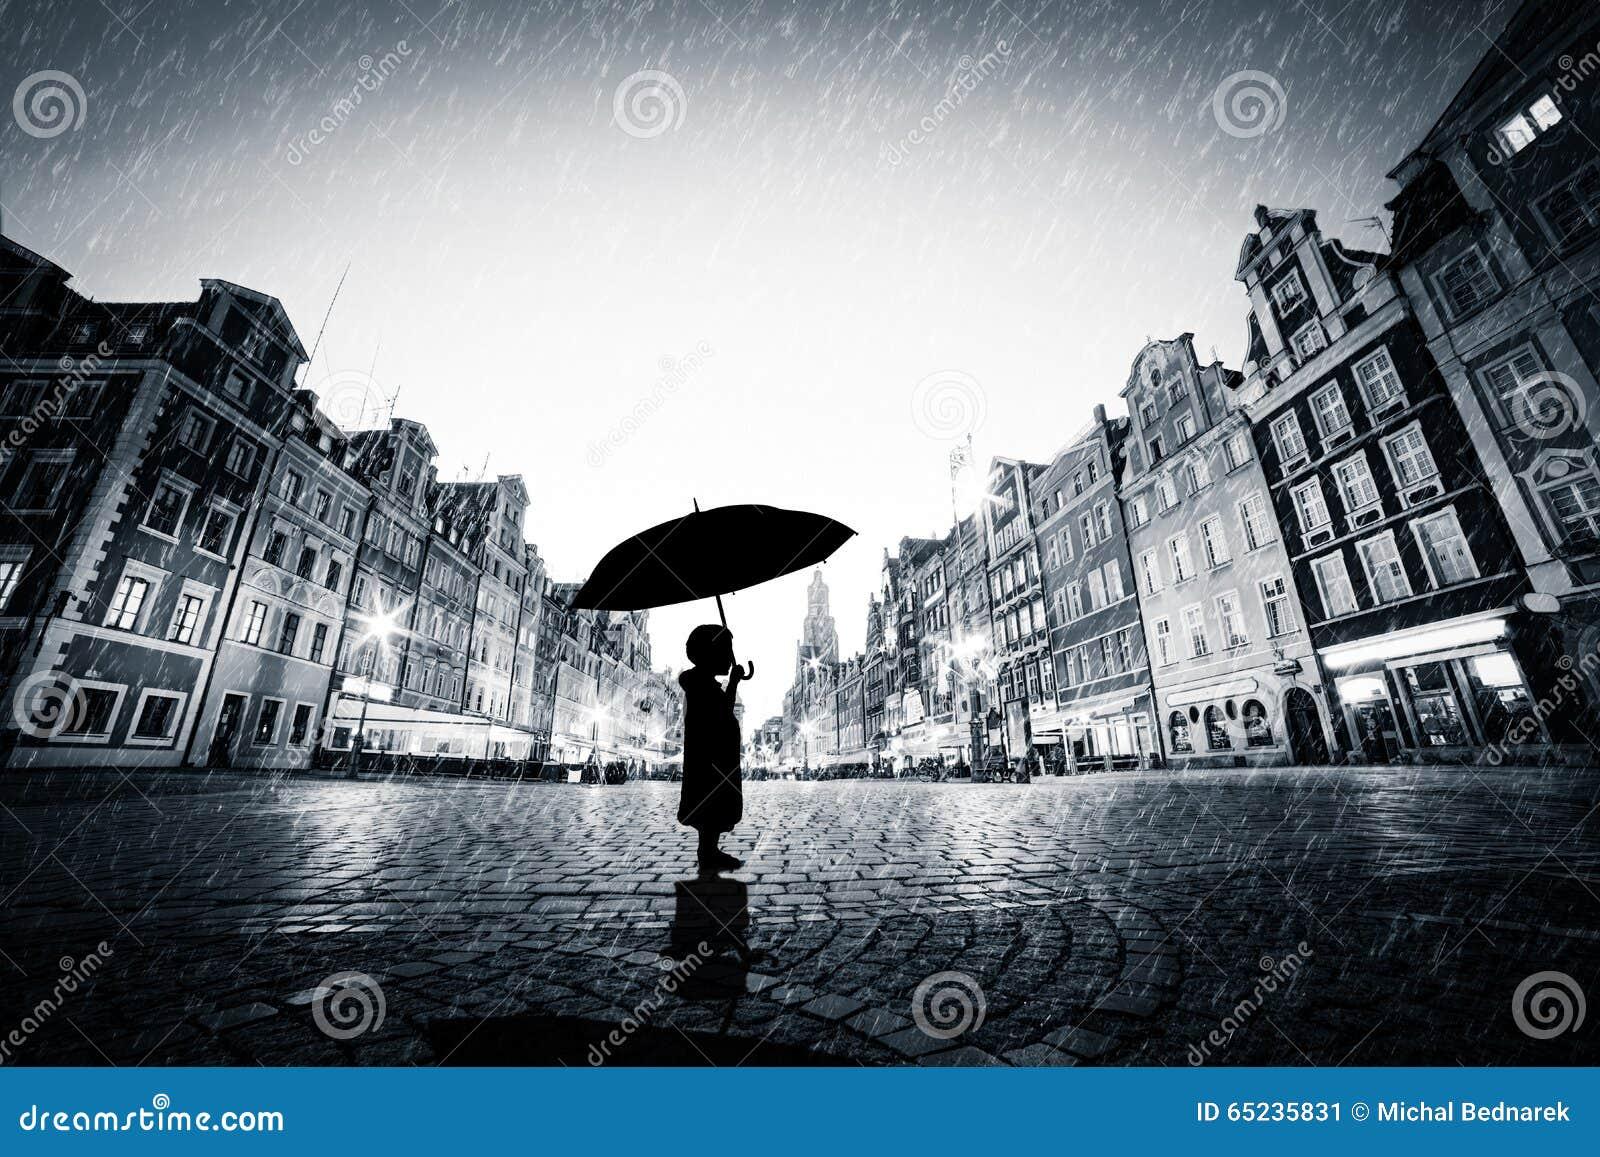 kind mit dem regenschirm der allein auf alter stadt des kopfsteins im regen steht stockbild. Black Bedroom Furniture Sets. Home Design Ideas